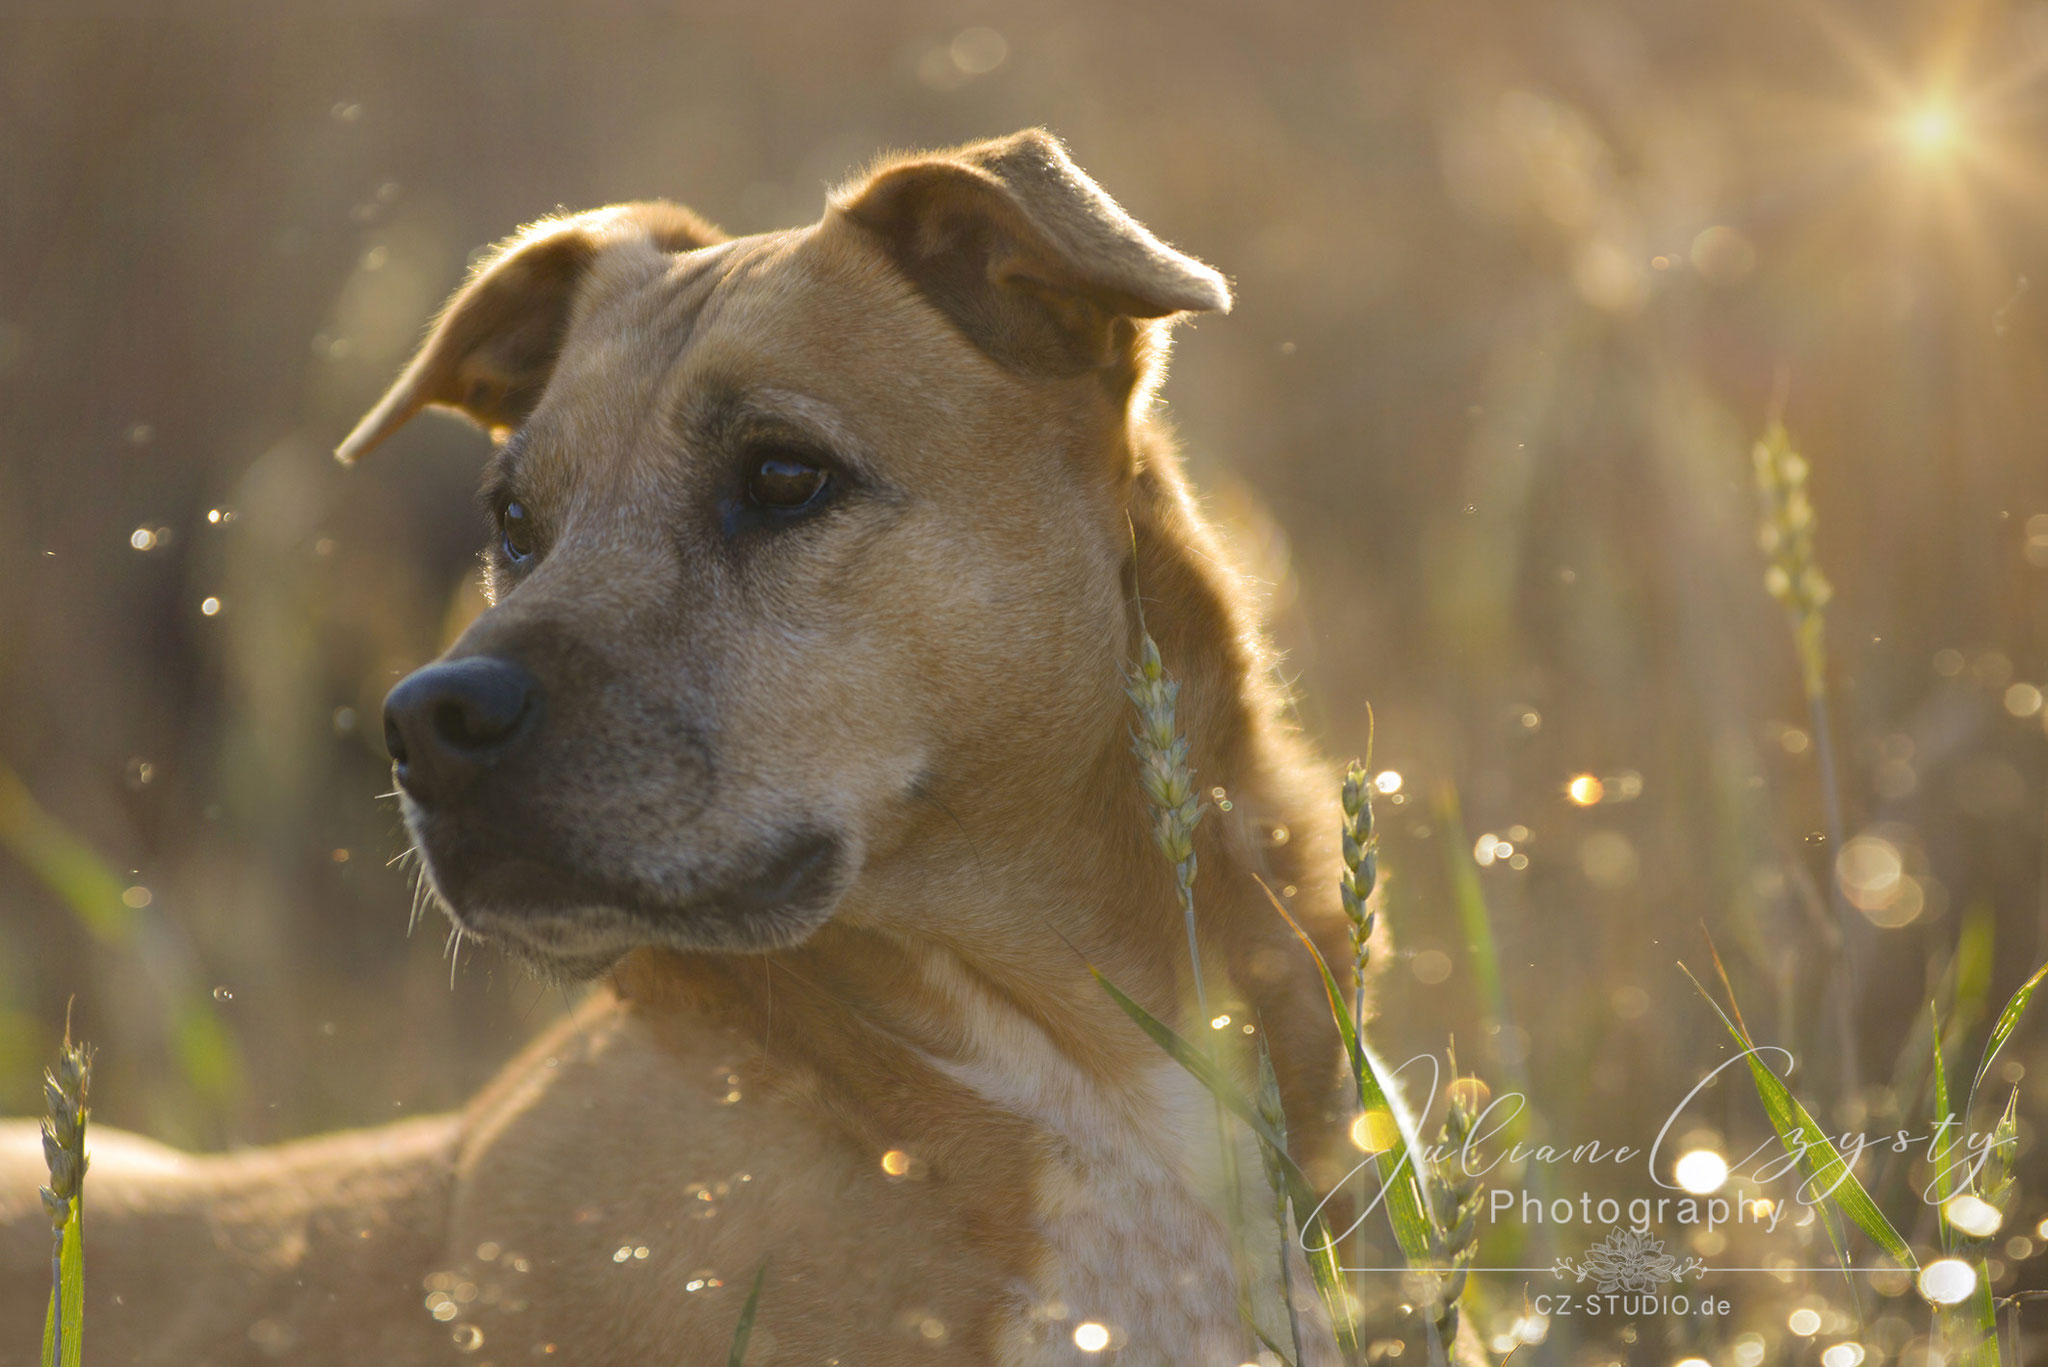 Outdoor Hunde Fotos - Juliane Czysty Fotostudio in ROW